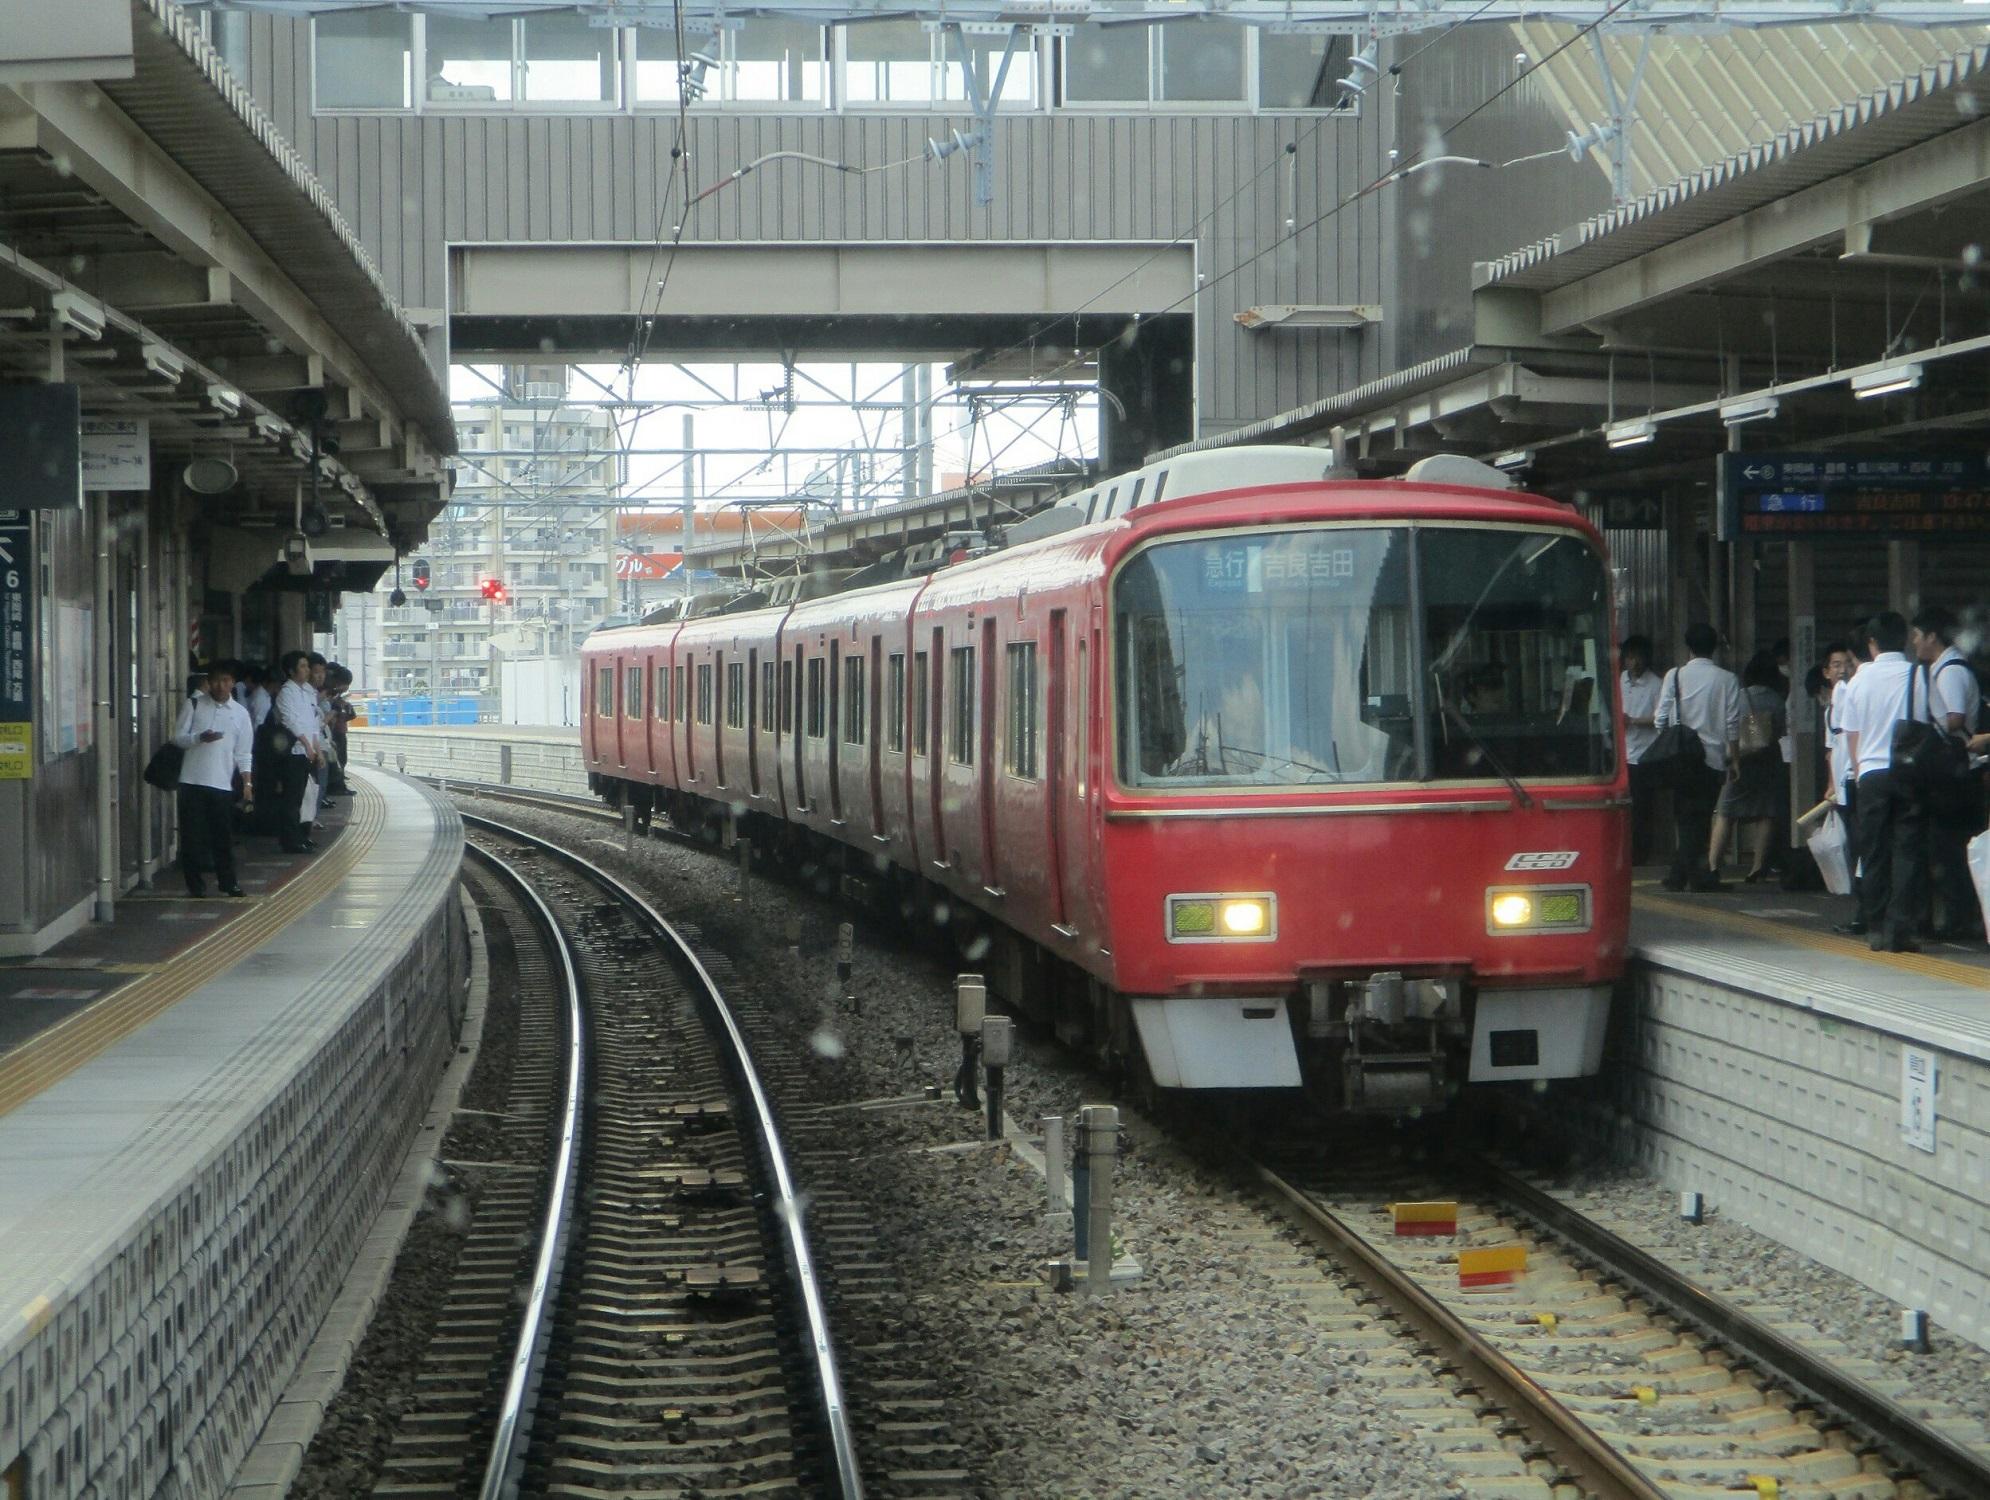 2019.6.5 (12) 岐阜いき特急 - 知立(吉良吉田いき急行) 1990-1500